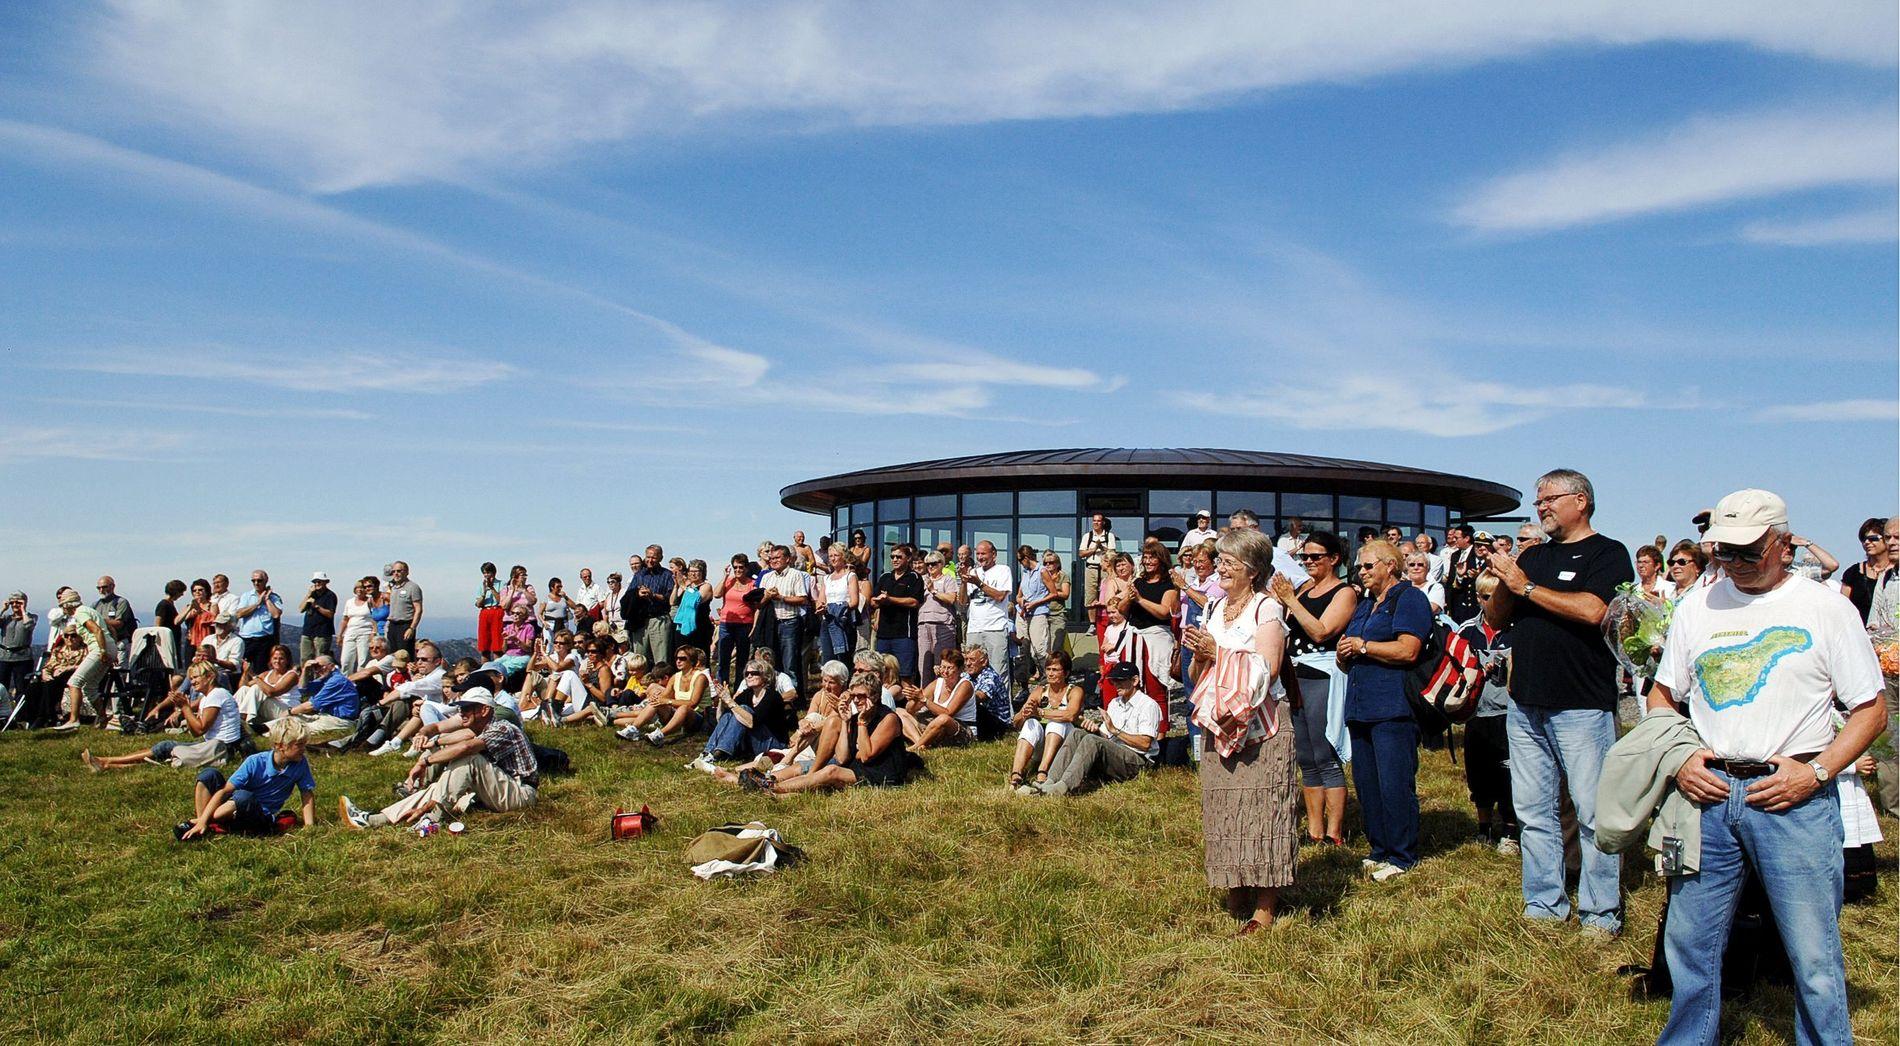 DRØMMEDAG: Toppen av Fjell Festning på en solsknssdag.